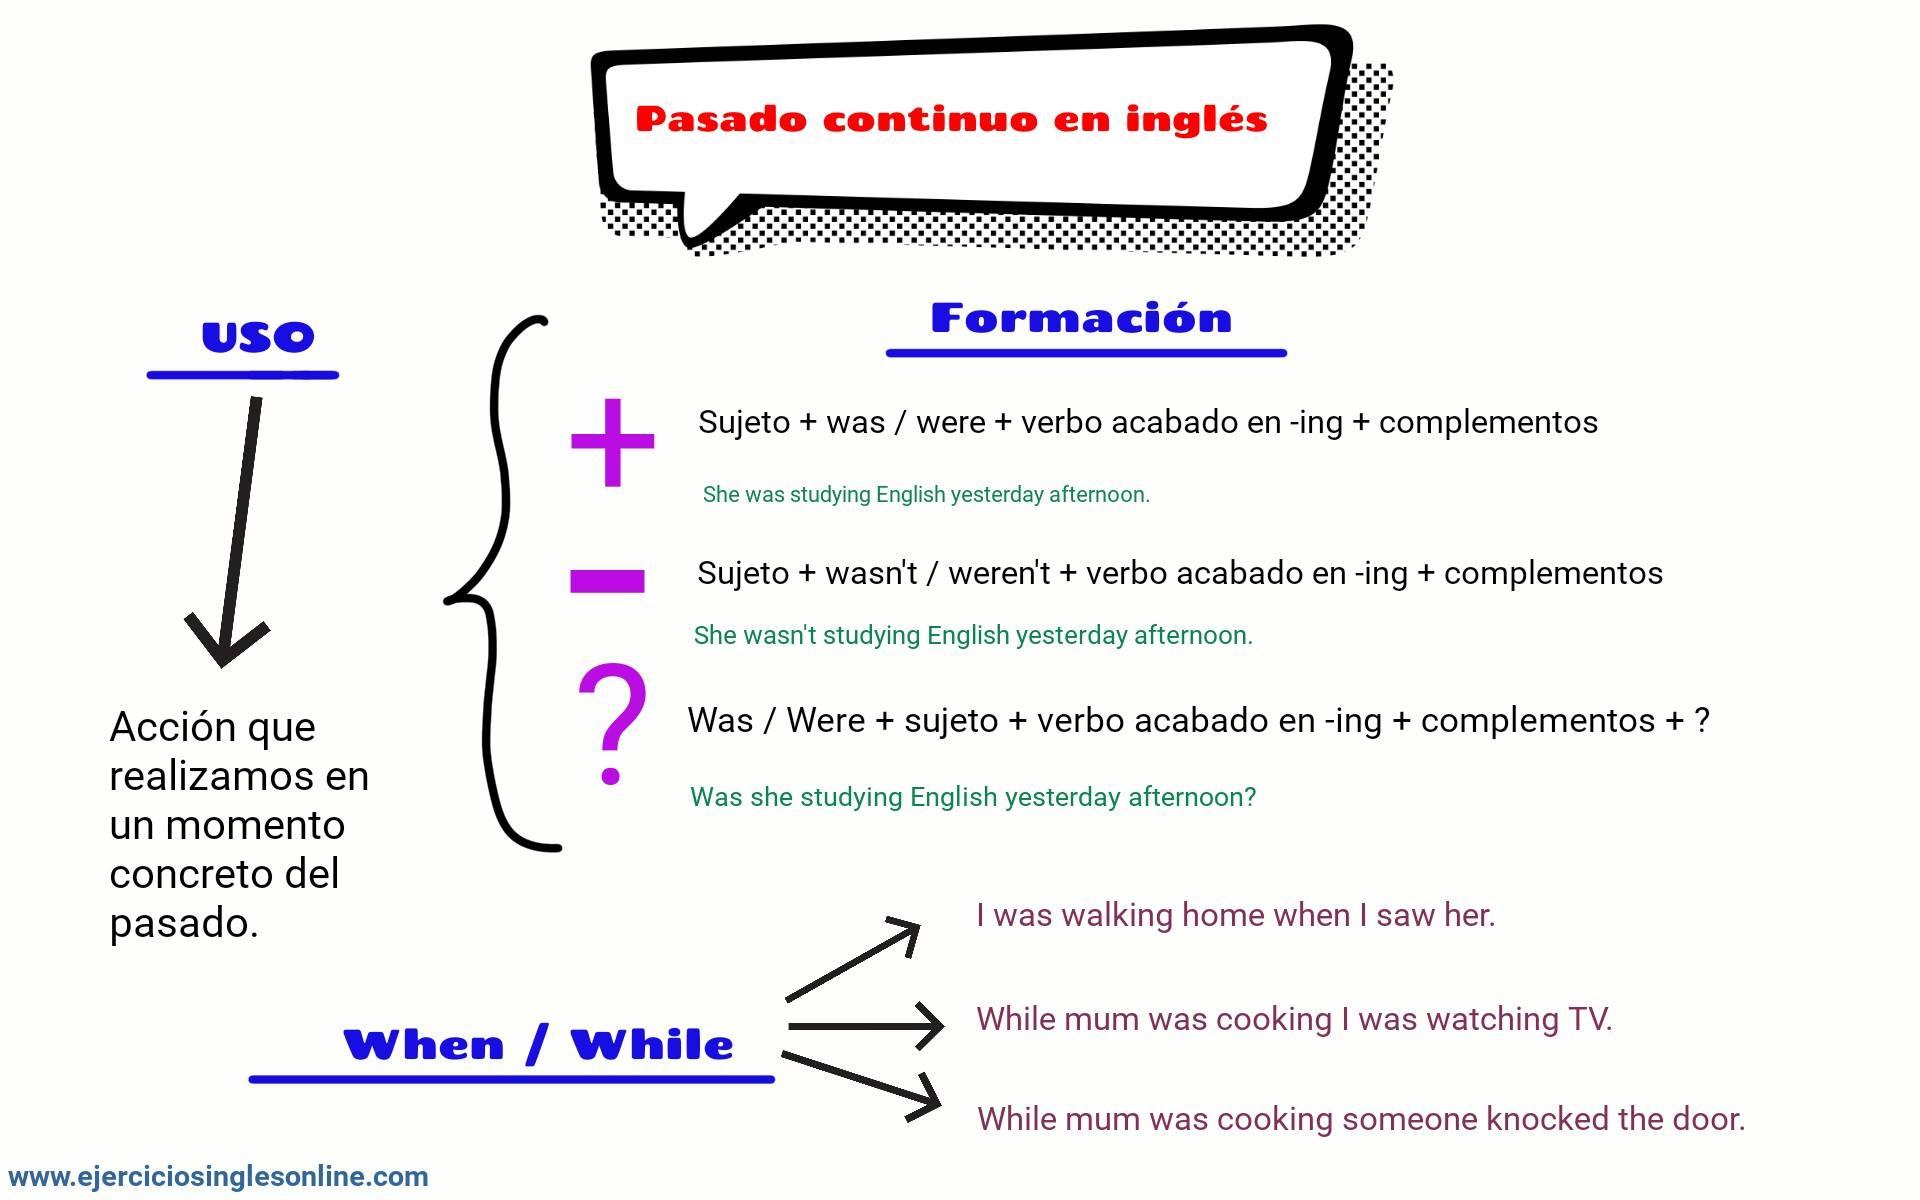 Pasado simple vs continuo - Ejercicio 6